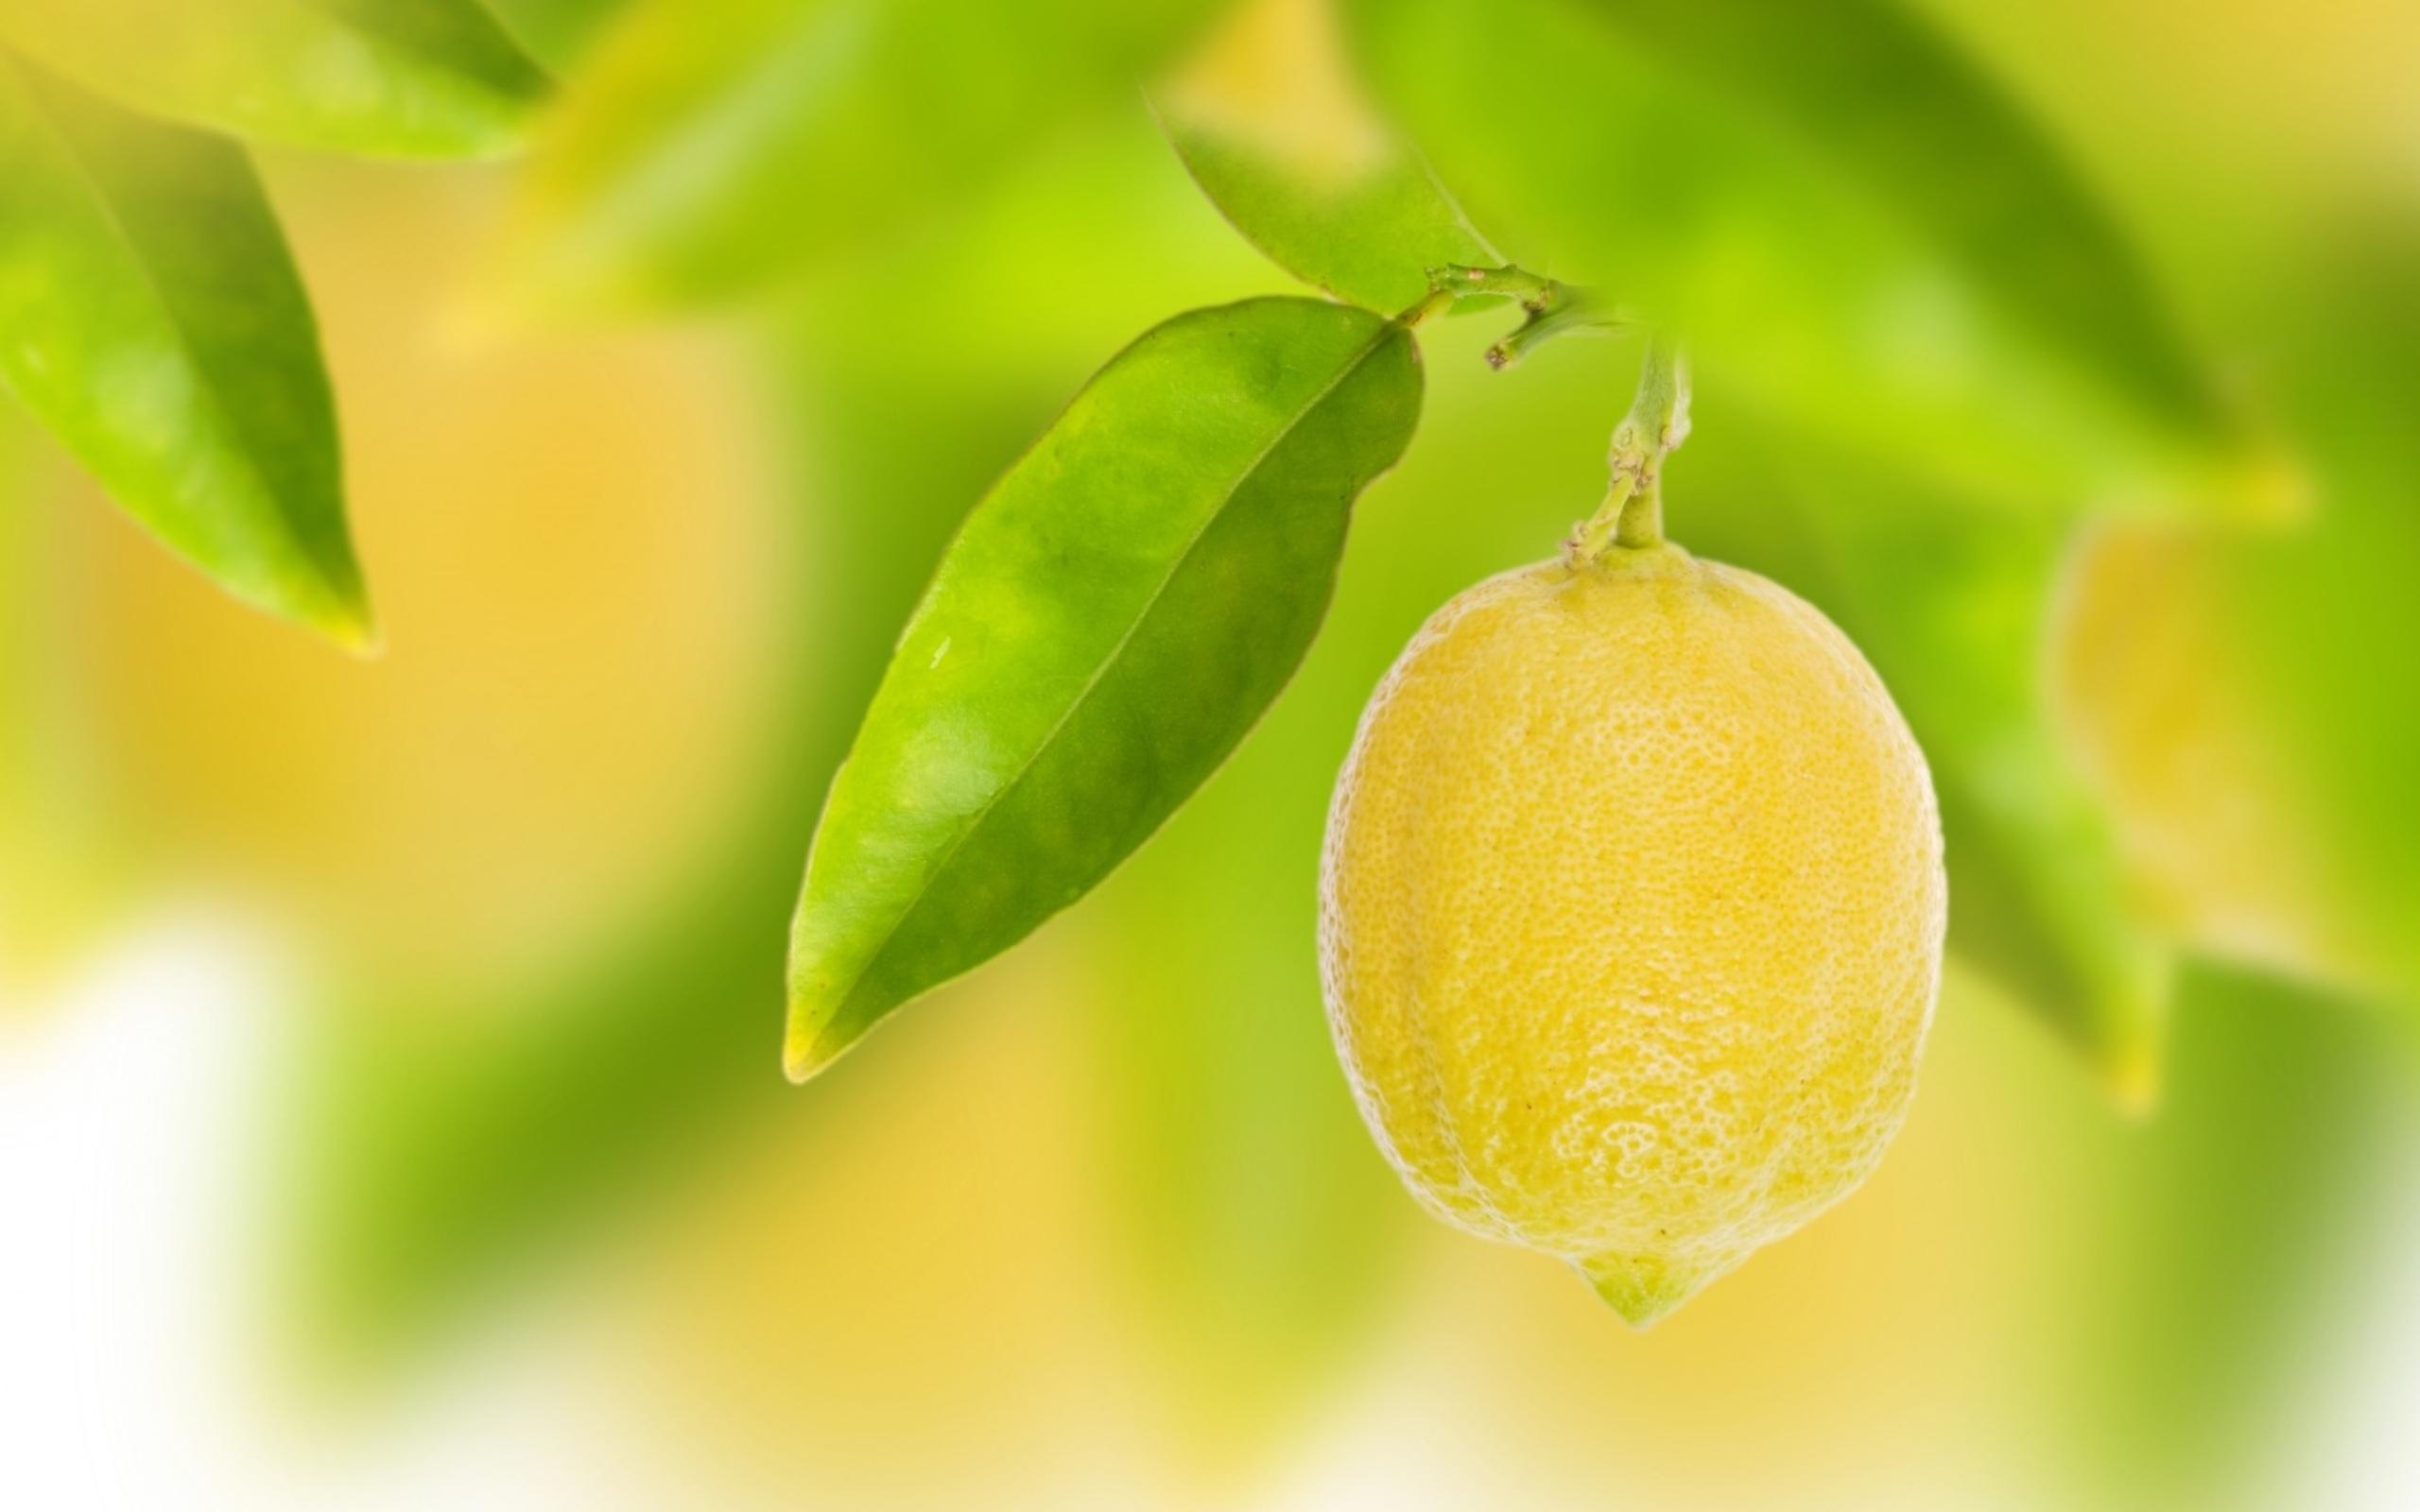 Lemon HD Wallpaper